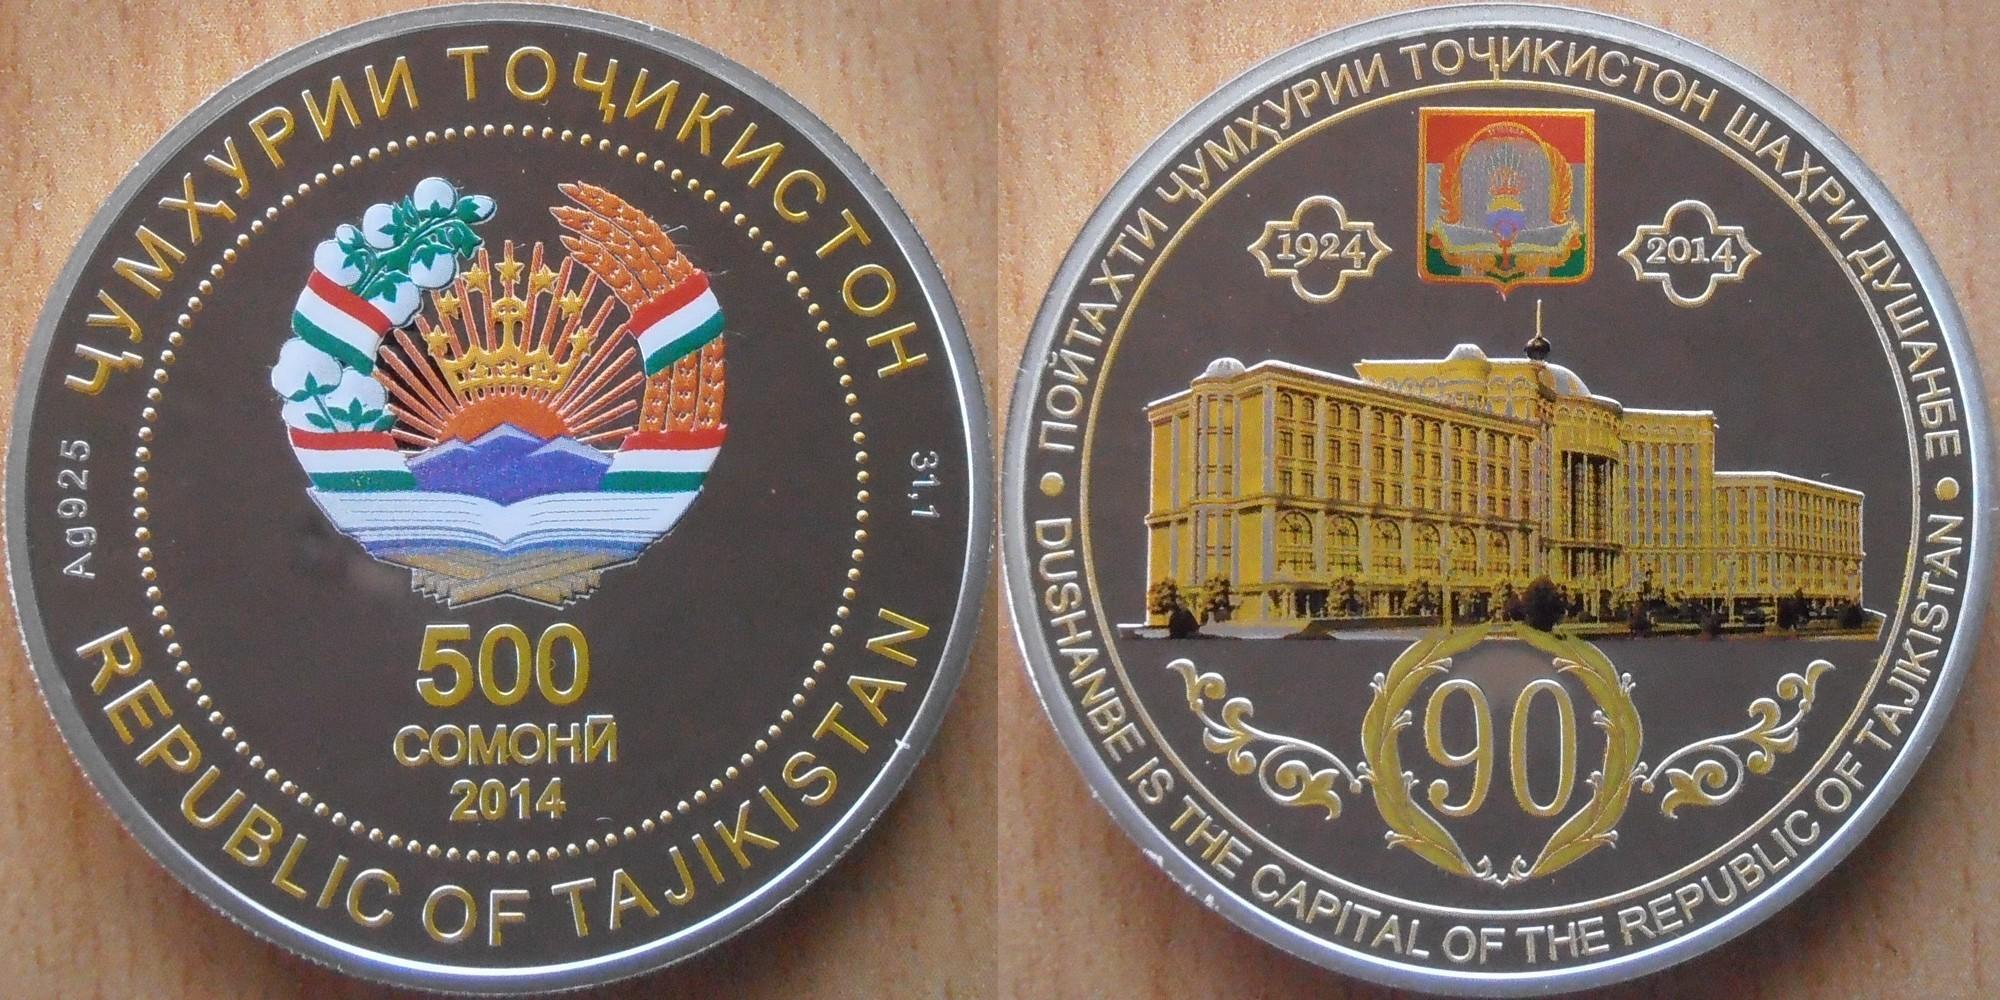 tadjikistan 2014 - bibliothèque nationale